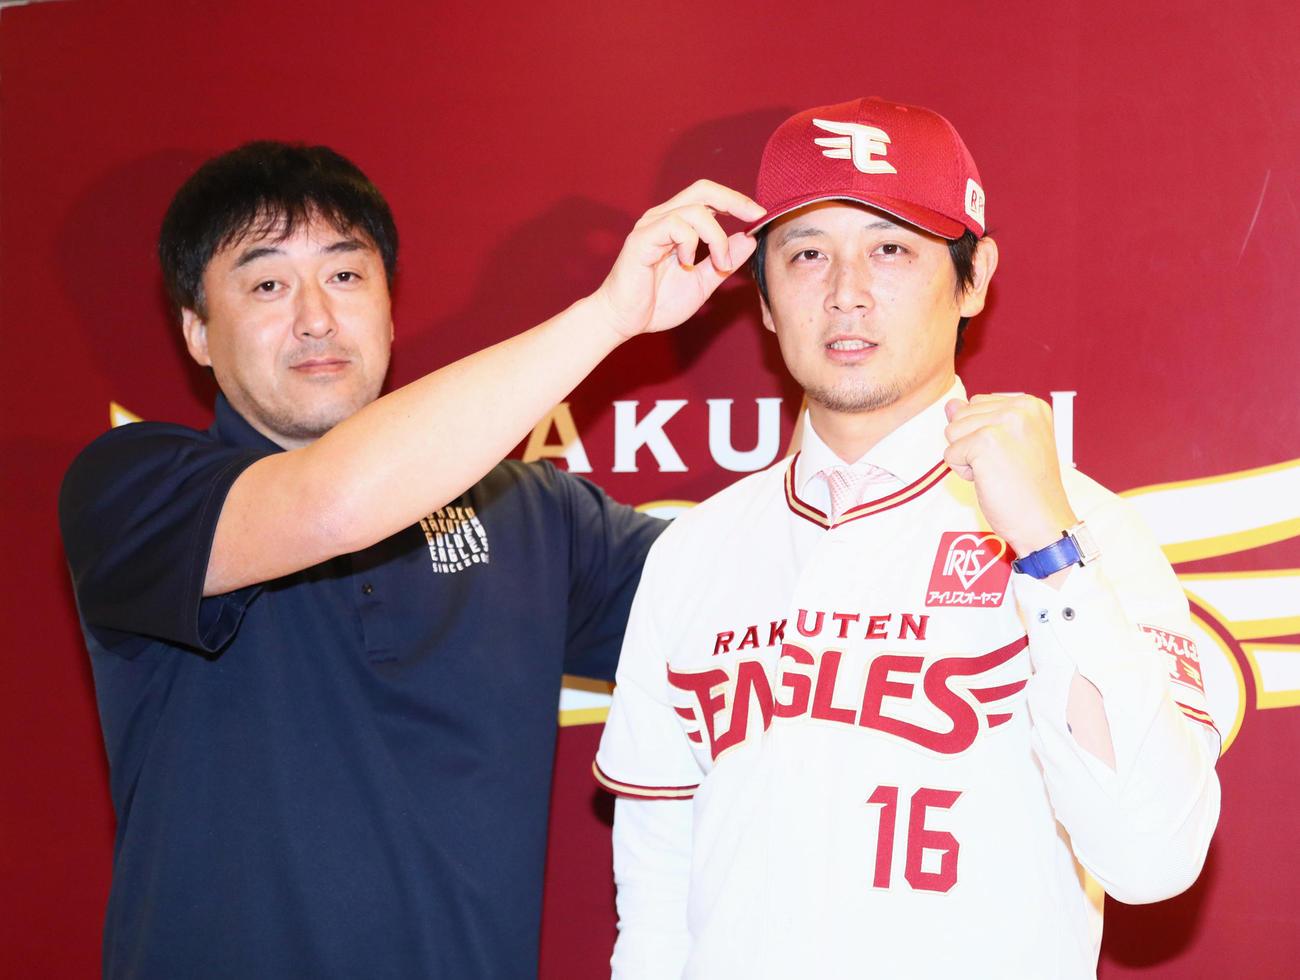 トレードで楽天に加入した涌井秀章(右)は石井一久GMから帽子をかぶせてもらう(19年12月23日撮影)